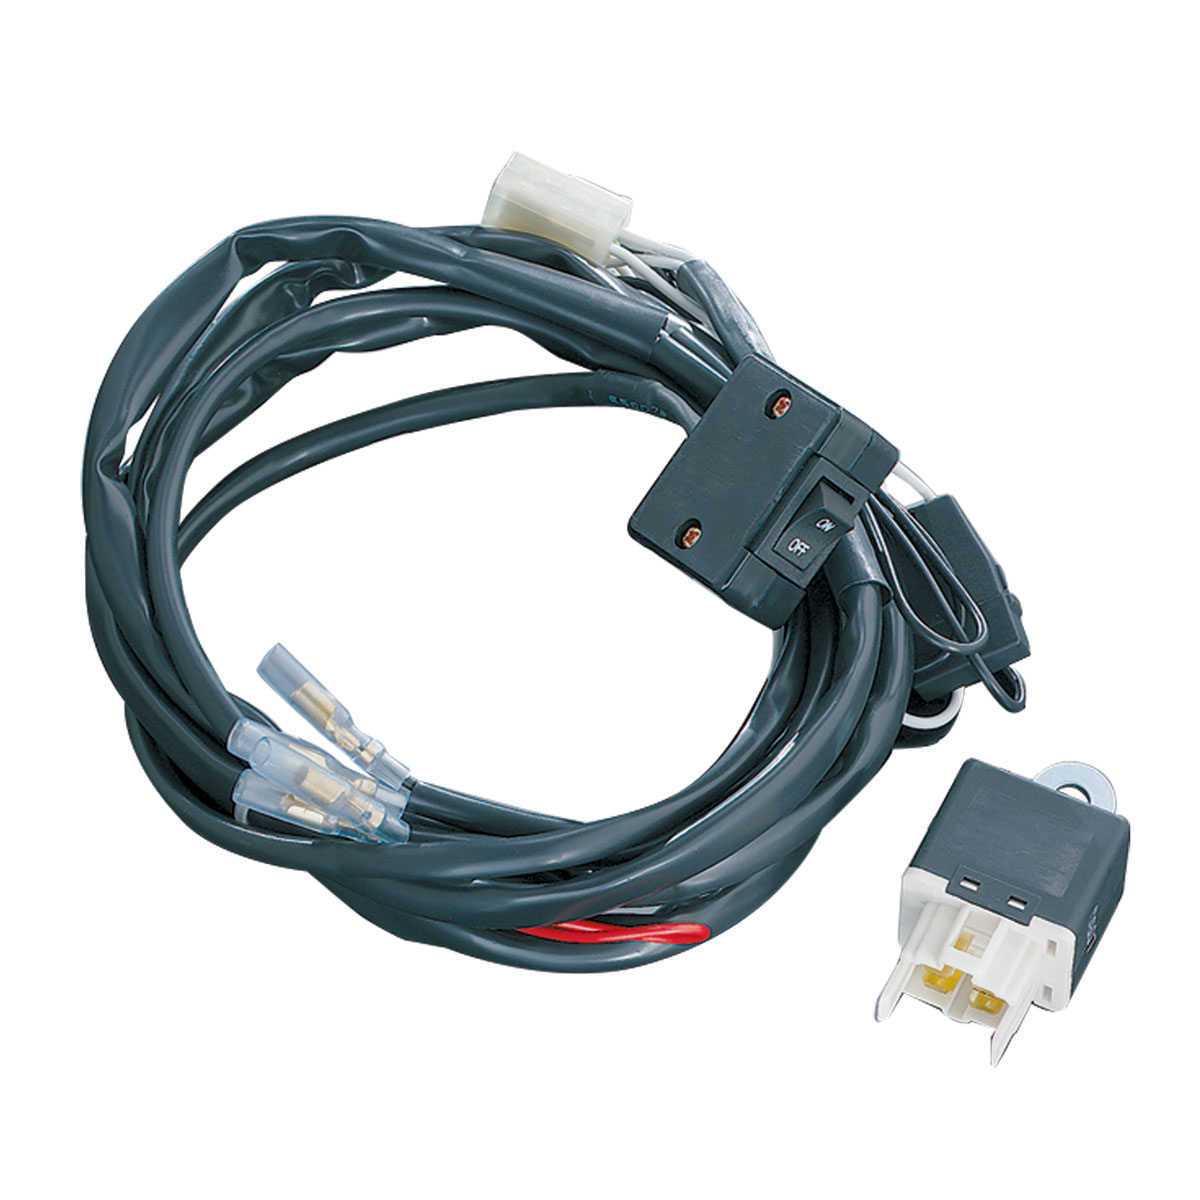 Kuryakyn Universal Wiring and Relay Kit